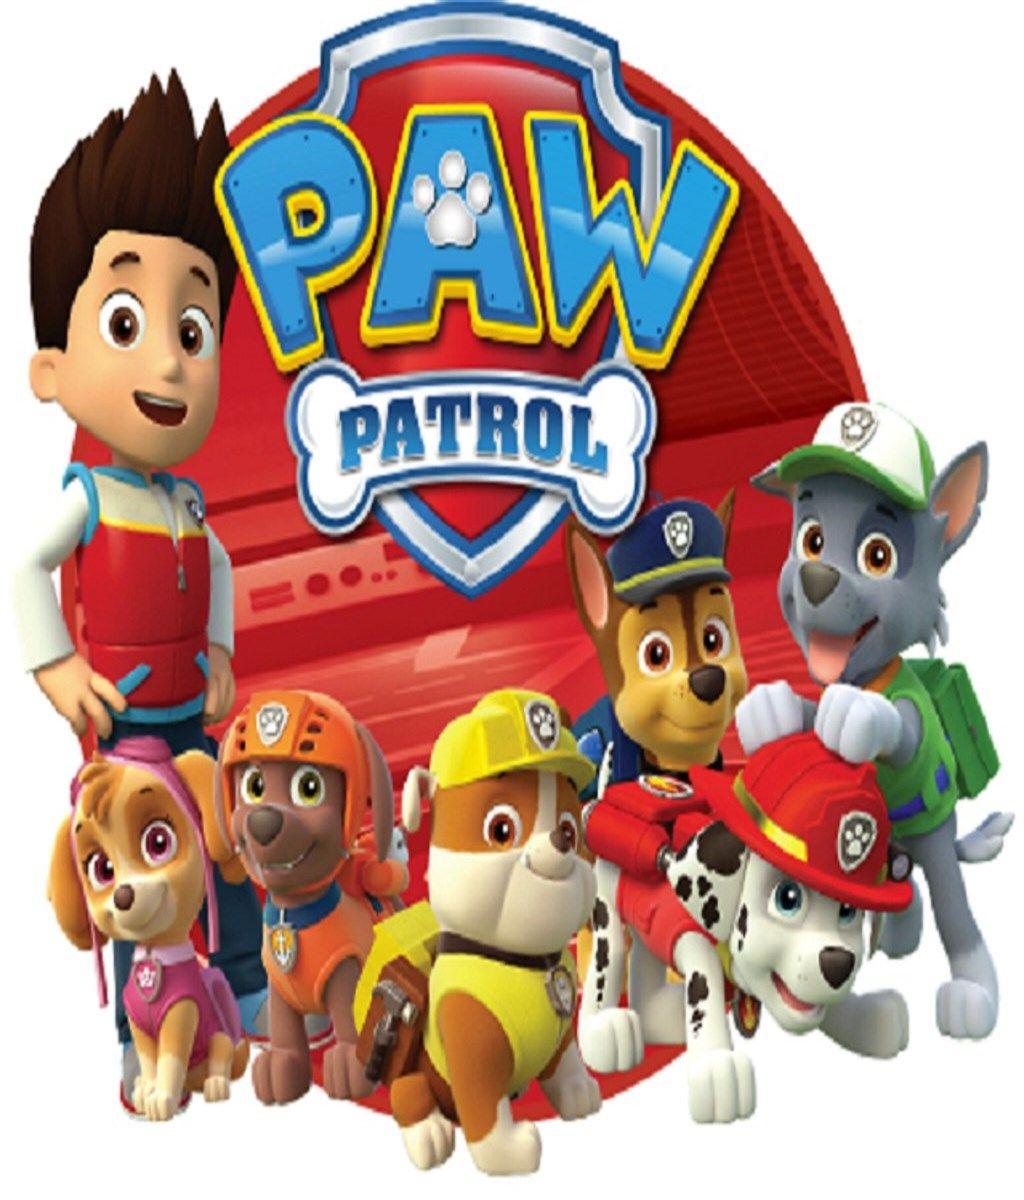 Puppy rescue patrol apk